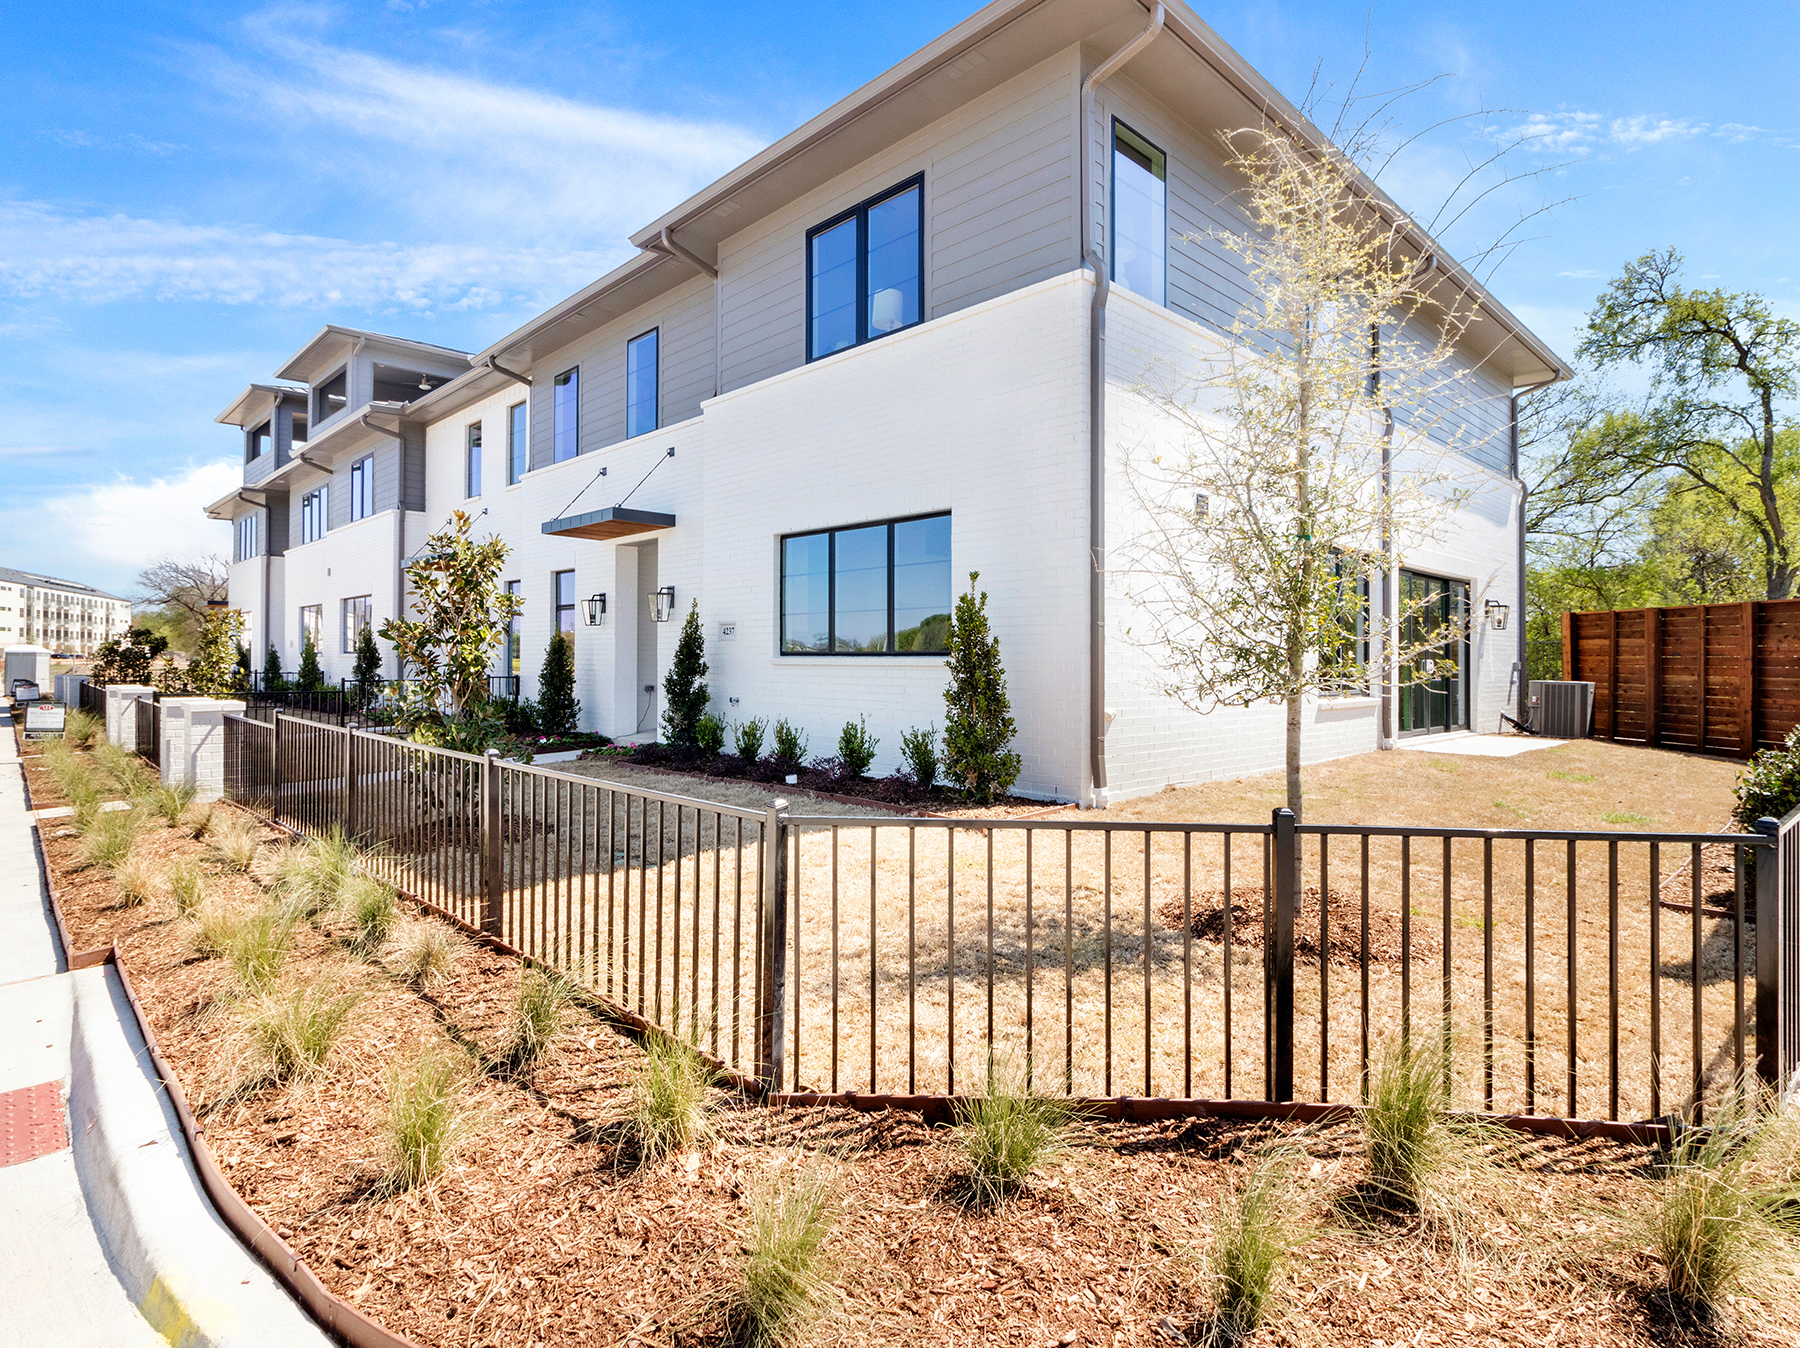 Village Homes Fort Worth Tx